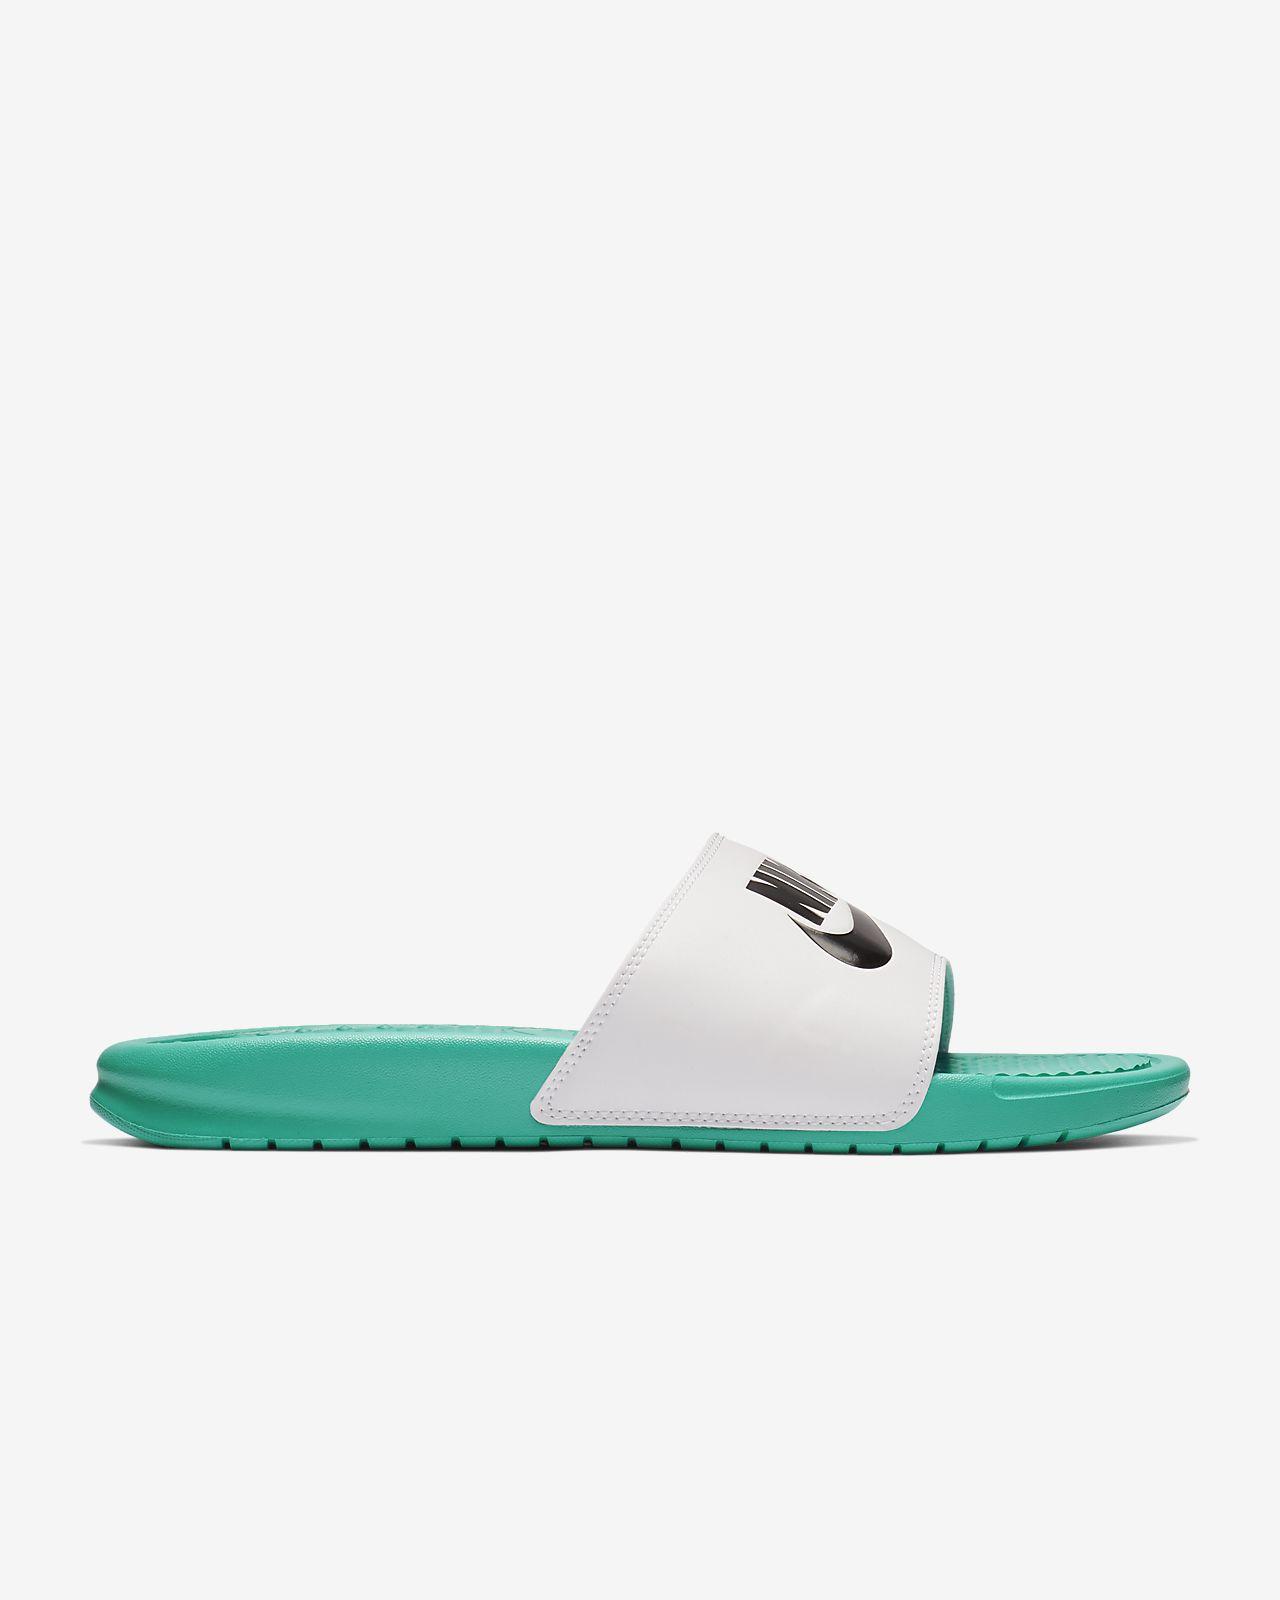 wholesale dealer 786a3 669cd Low Resolution Claquette Nike Benassi Claquette Nike Benassi